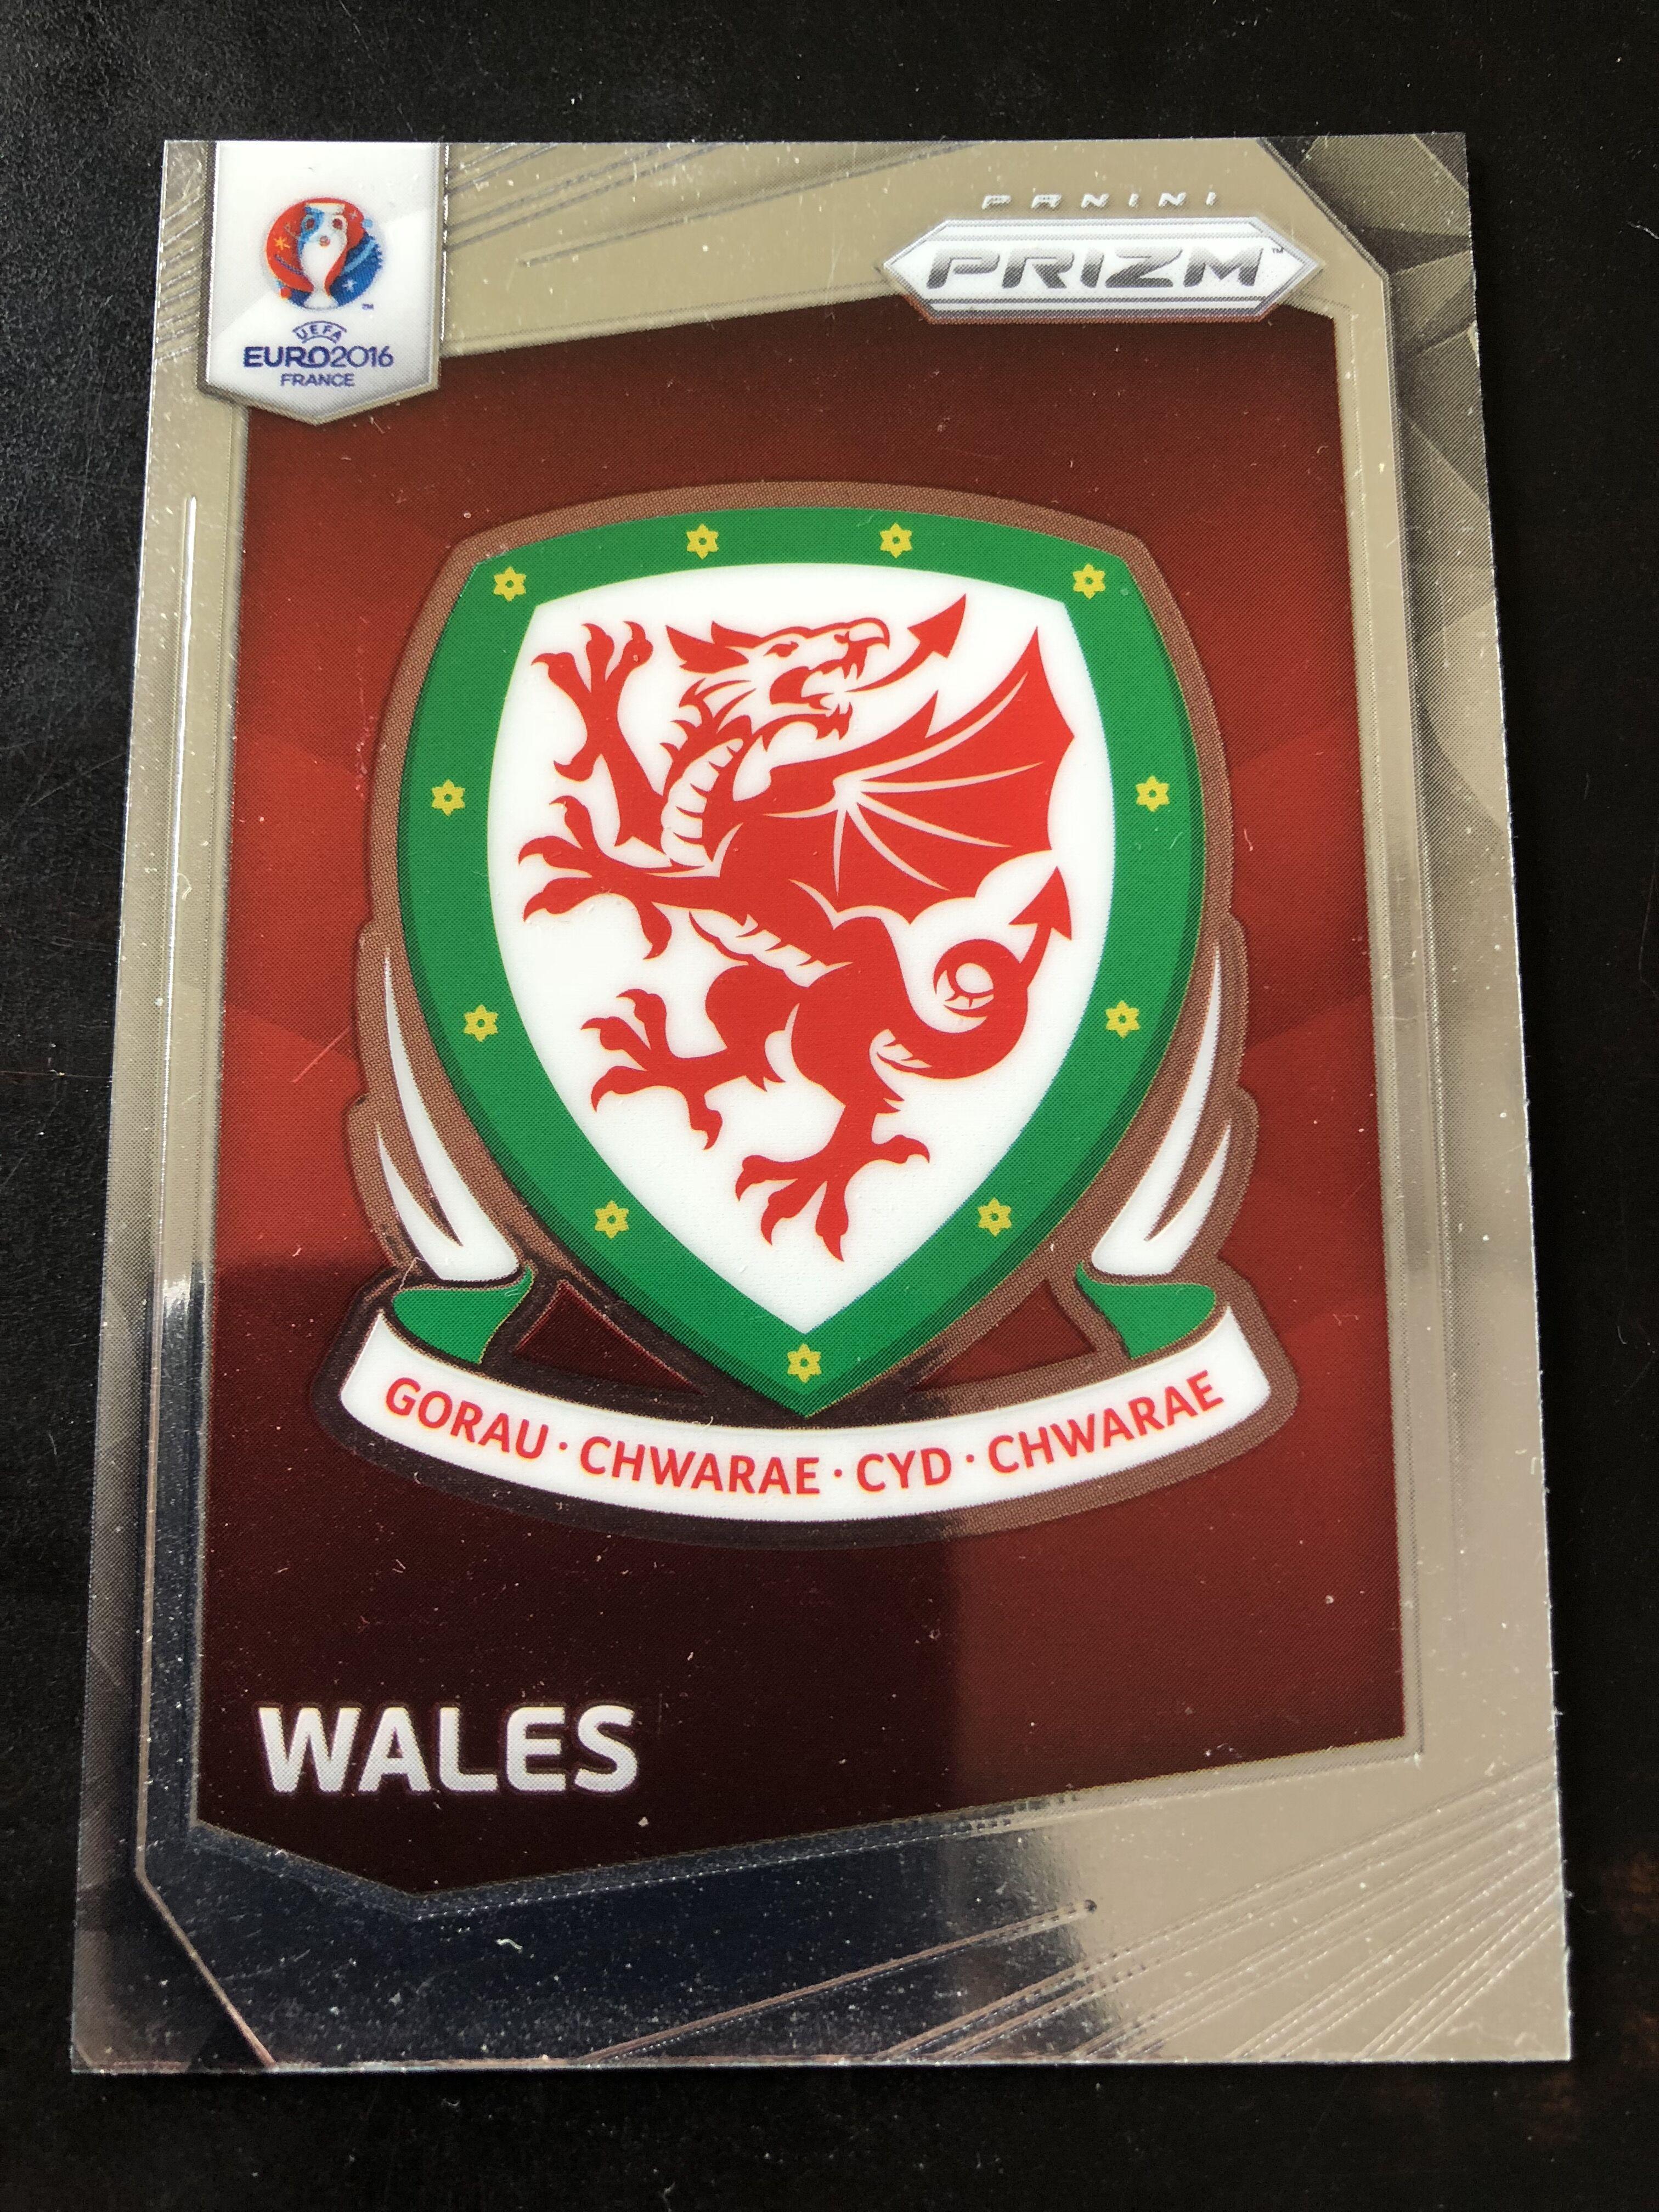 2016 prizm 欧洲杯 威尔士 队徽特卡 no.21